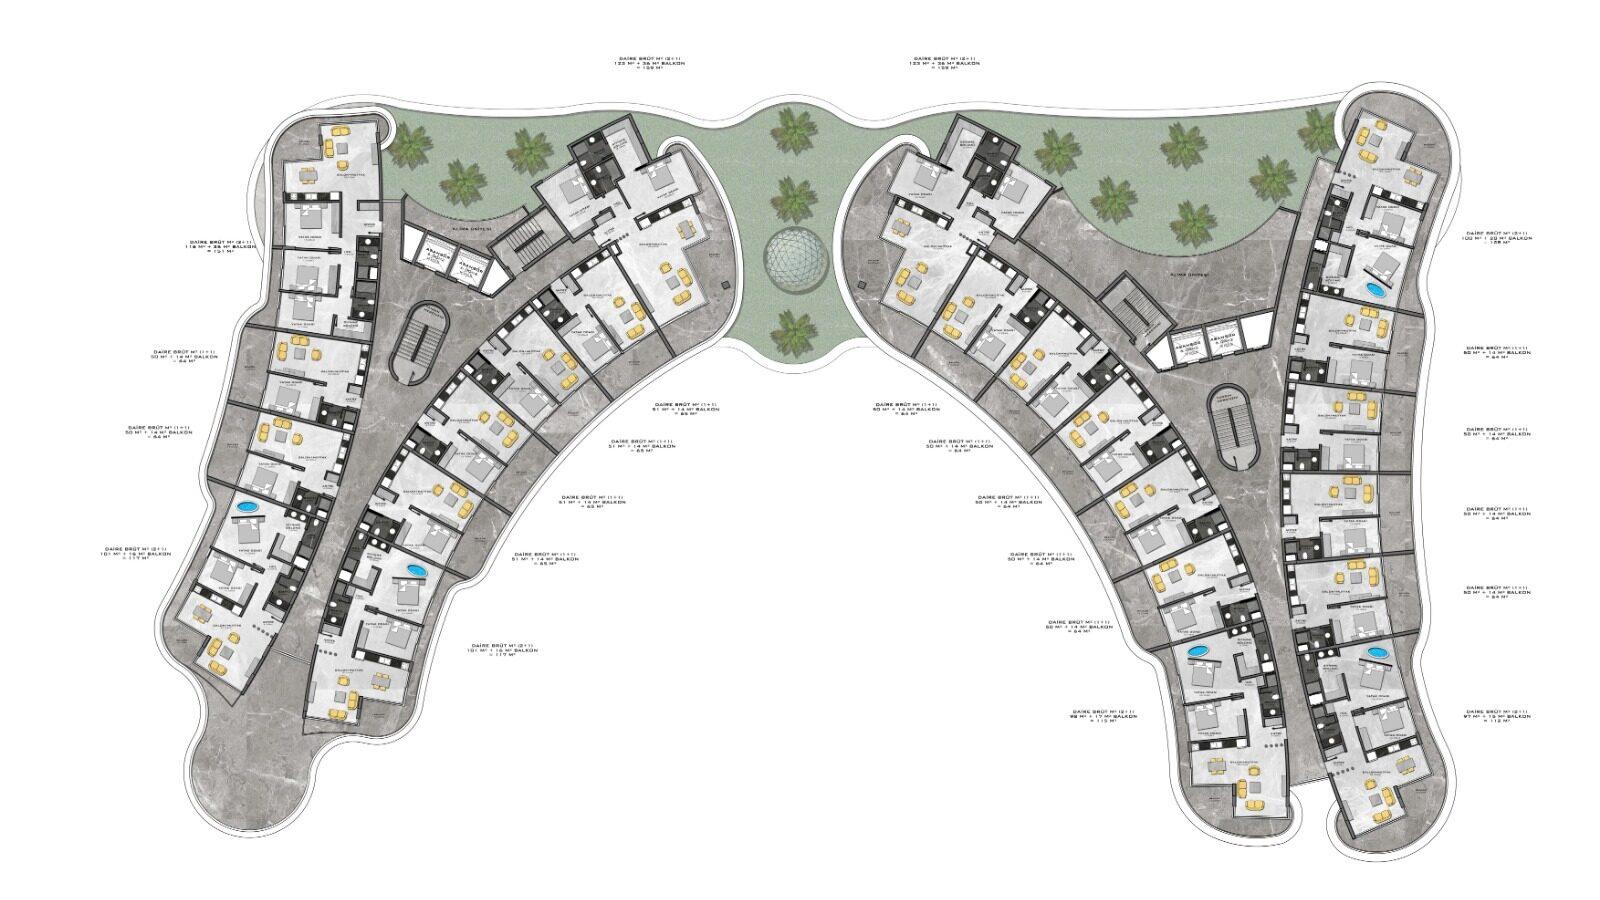 Plan of 2nd floor